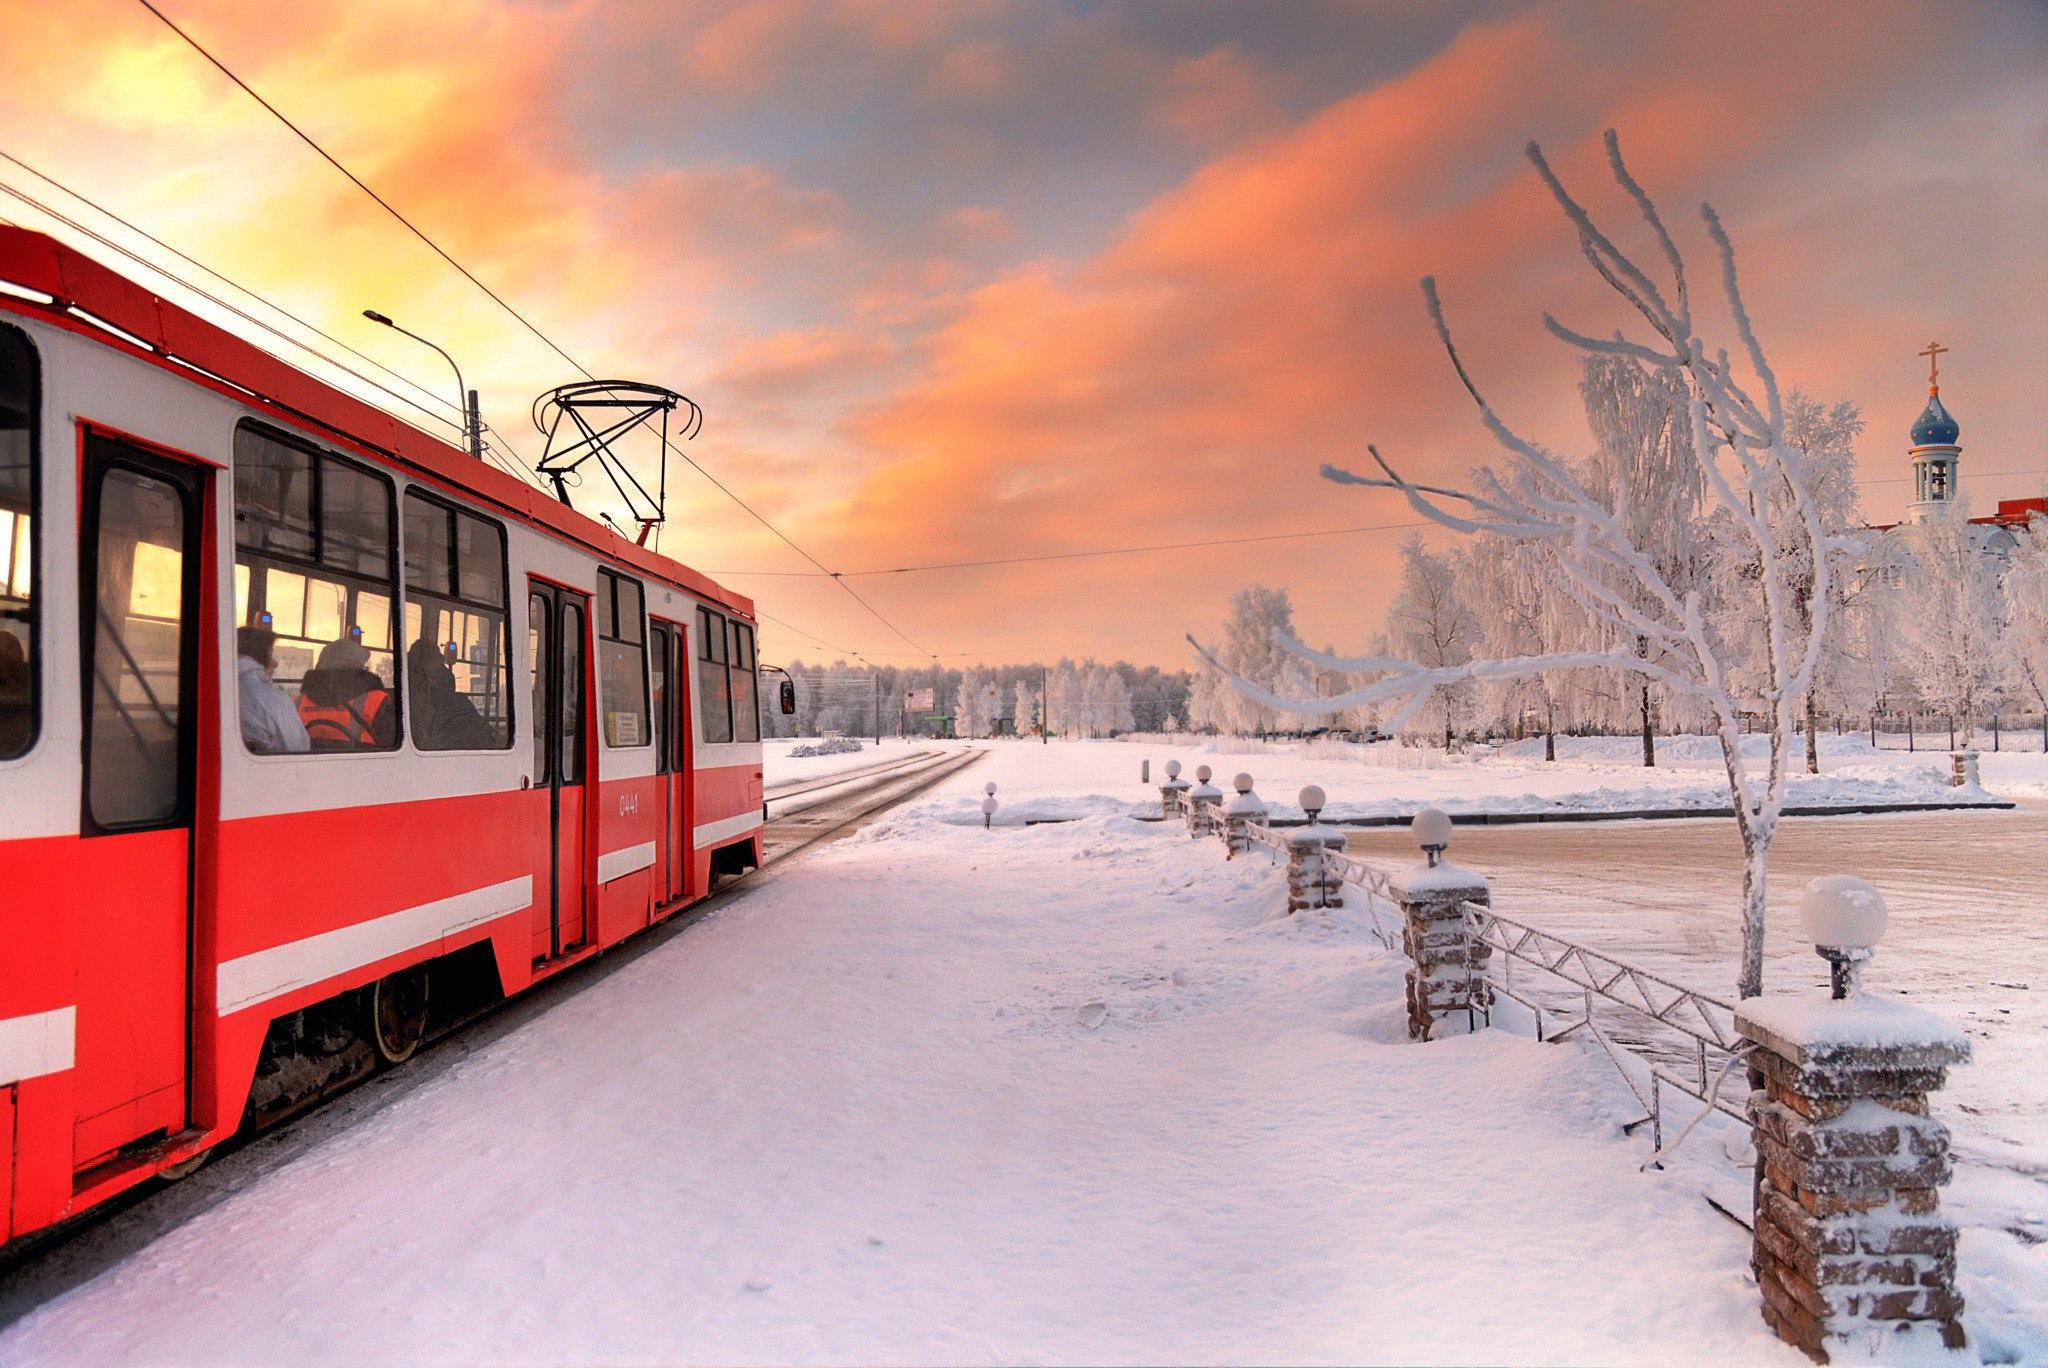 В Петербурге появились новые билеты на проезд в транспорте/  Как сообщили в петербургском комитете по транспорту, пассажирам в Северной столице теперь доступны новые виды проездных билетов.